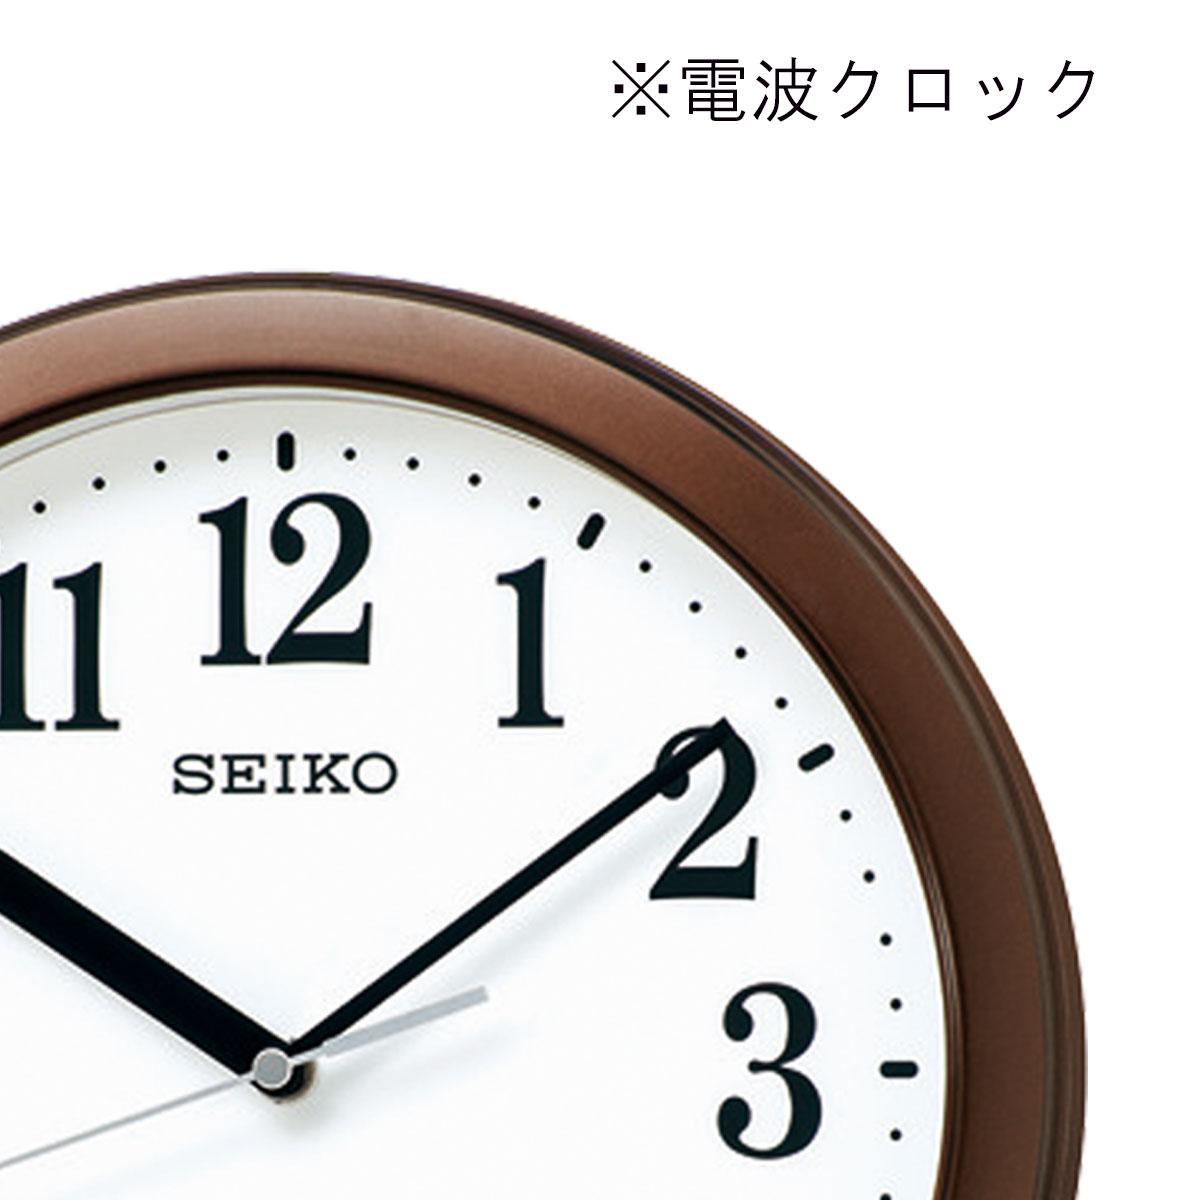 セイコークロック スタンダード電波掛時計 KX256